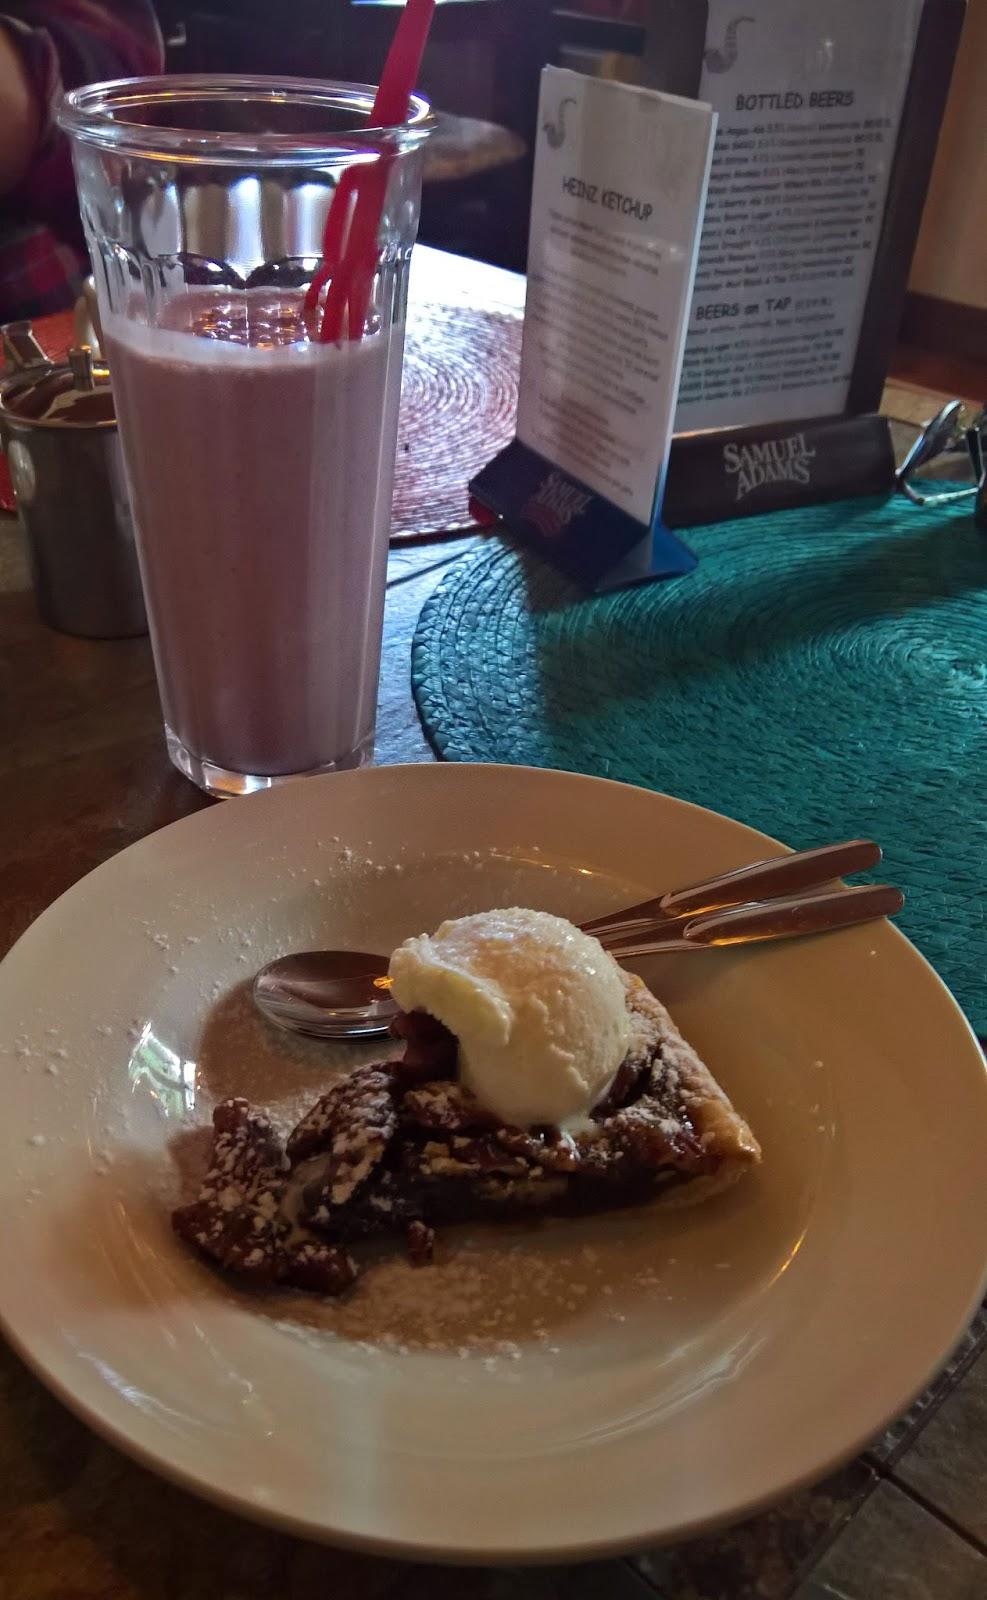 jäppilän kievari jäppilä ravintola kesäravintola jenkkiruoka bbq amerikkalainen ruoka mallaspulla mansikkapirtelö pekaanipähkinäpiiras